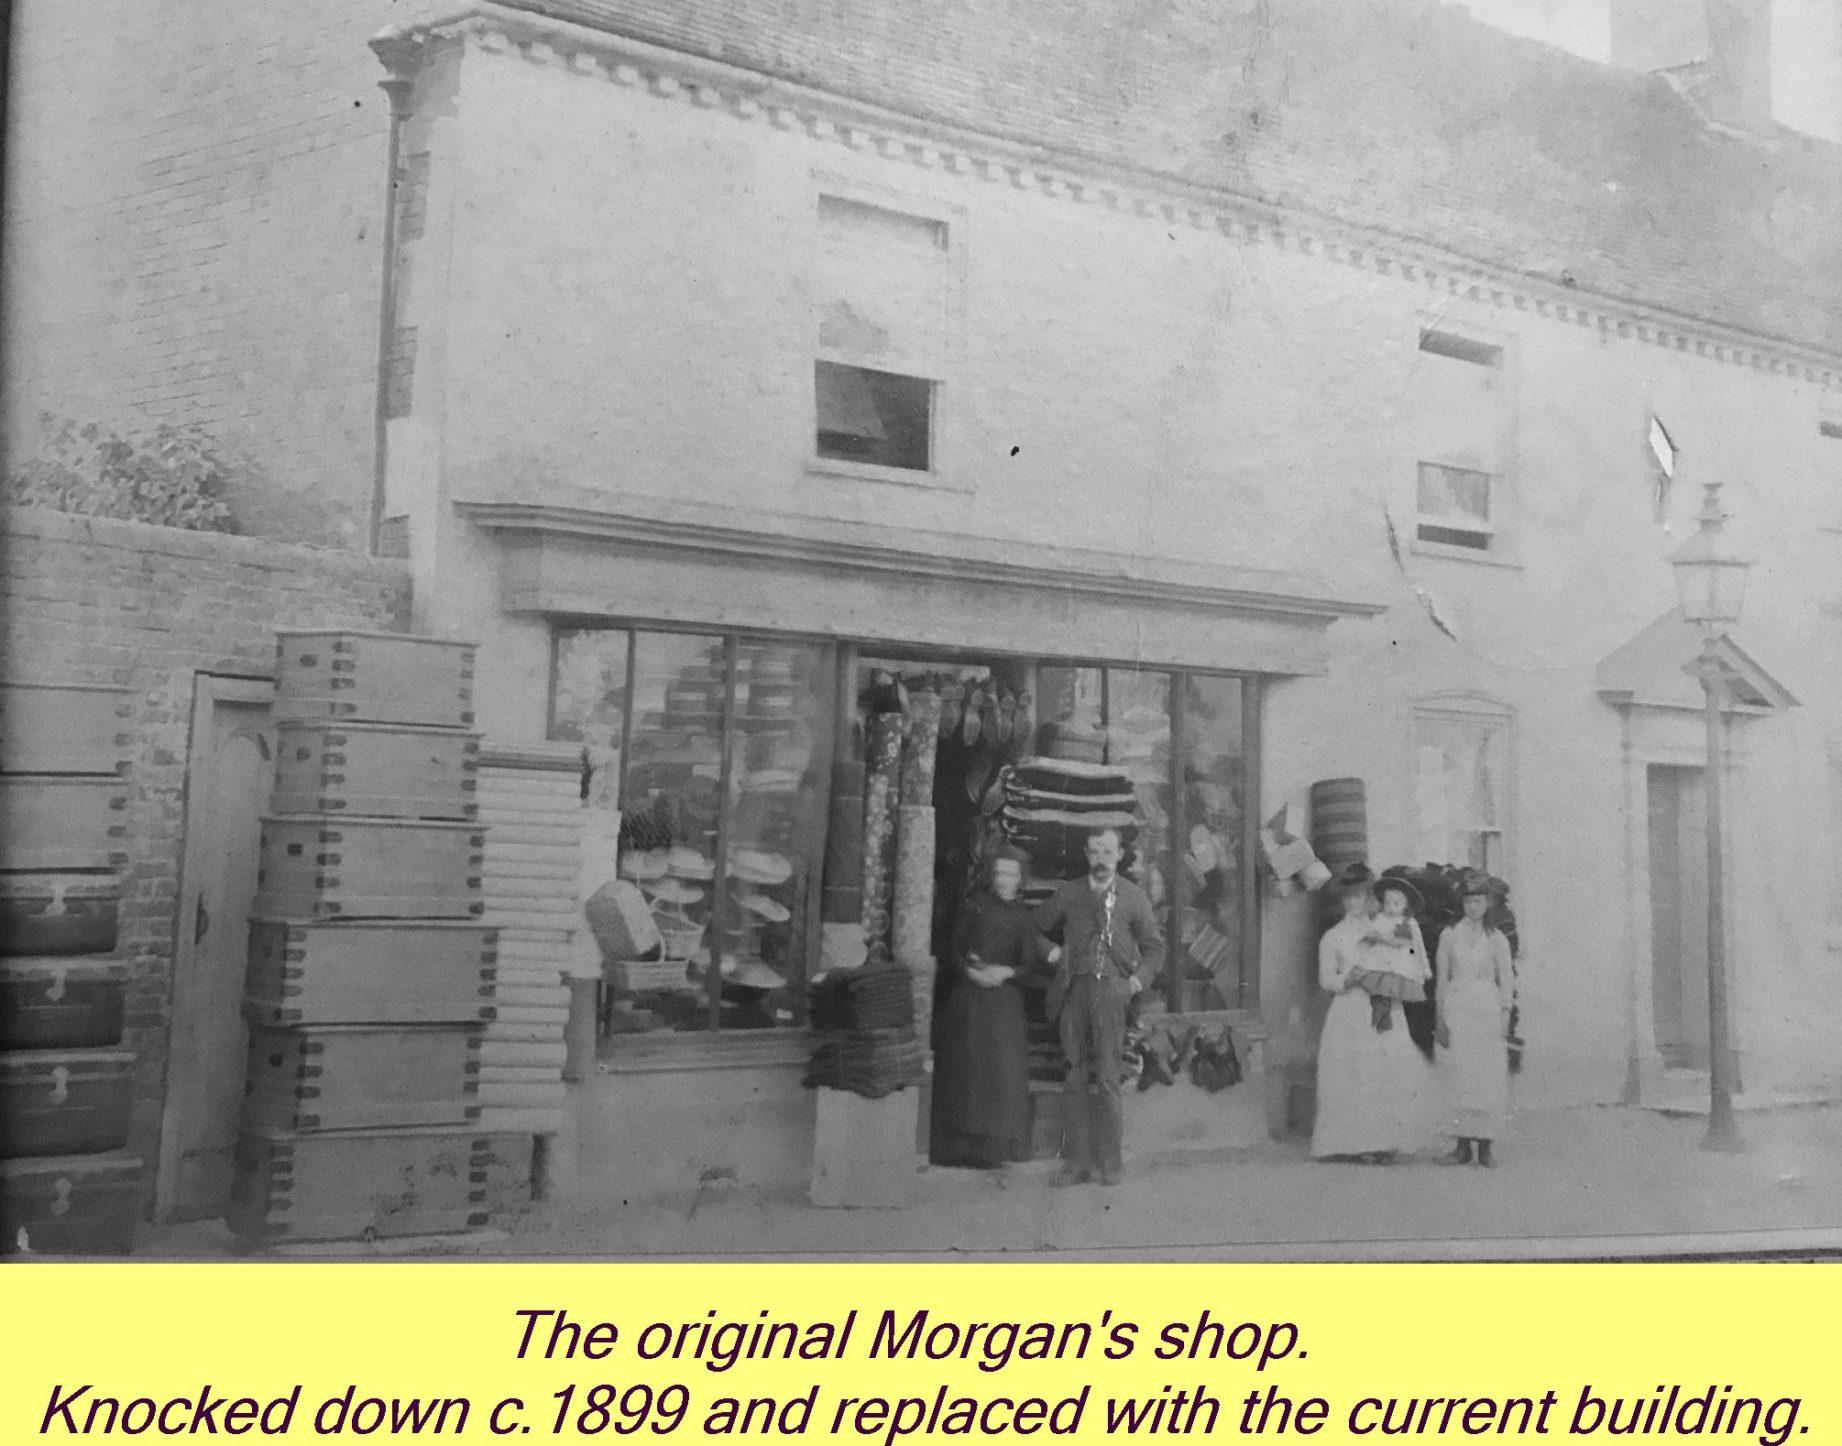 Original Morgan shop